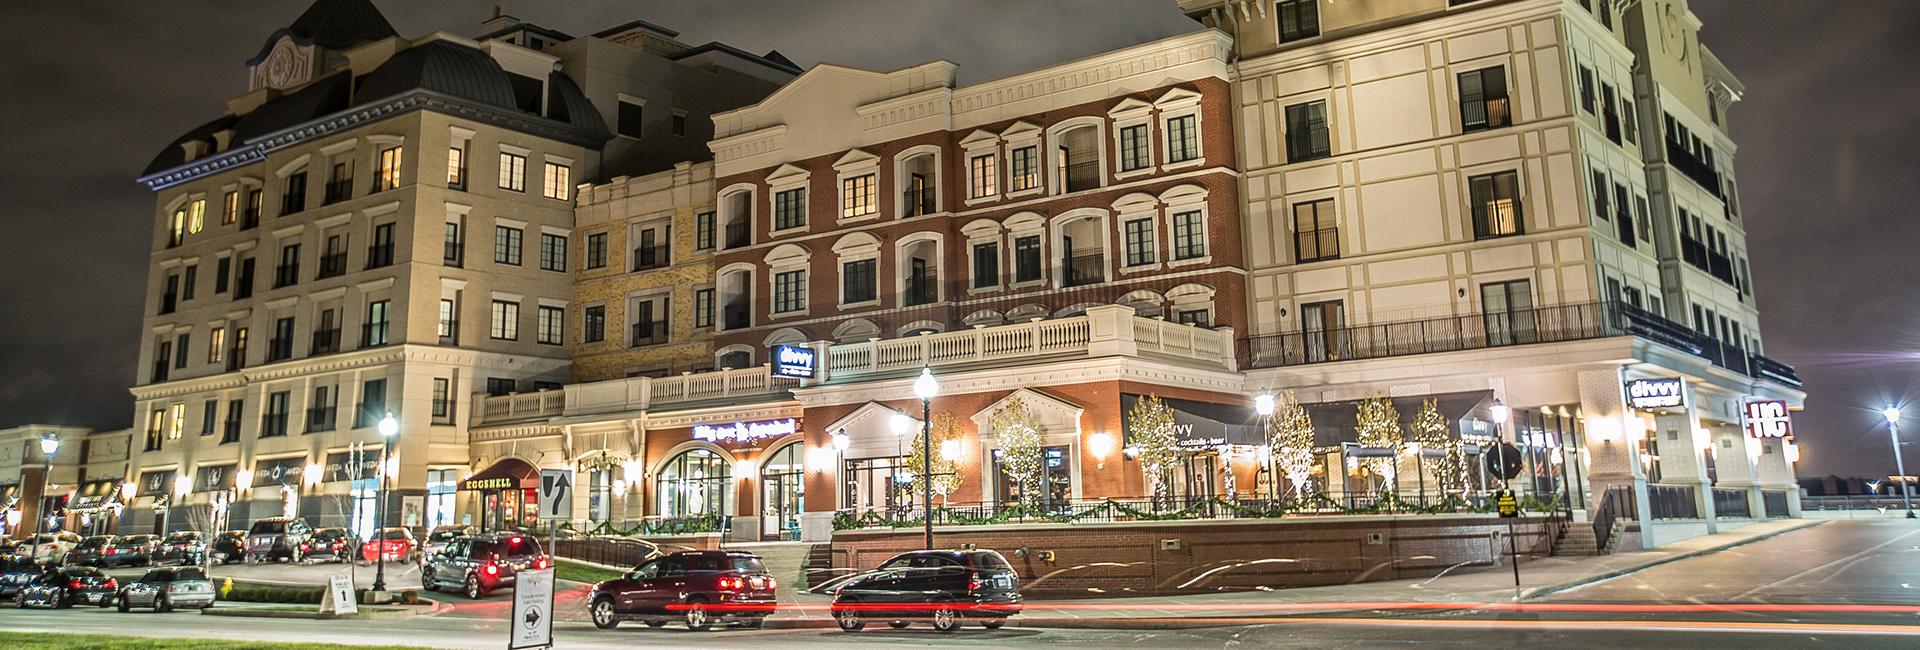 Carmel, IN community image